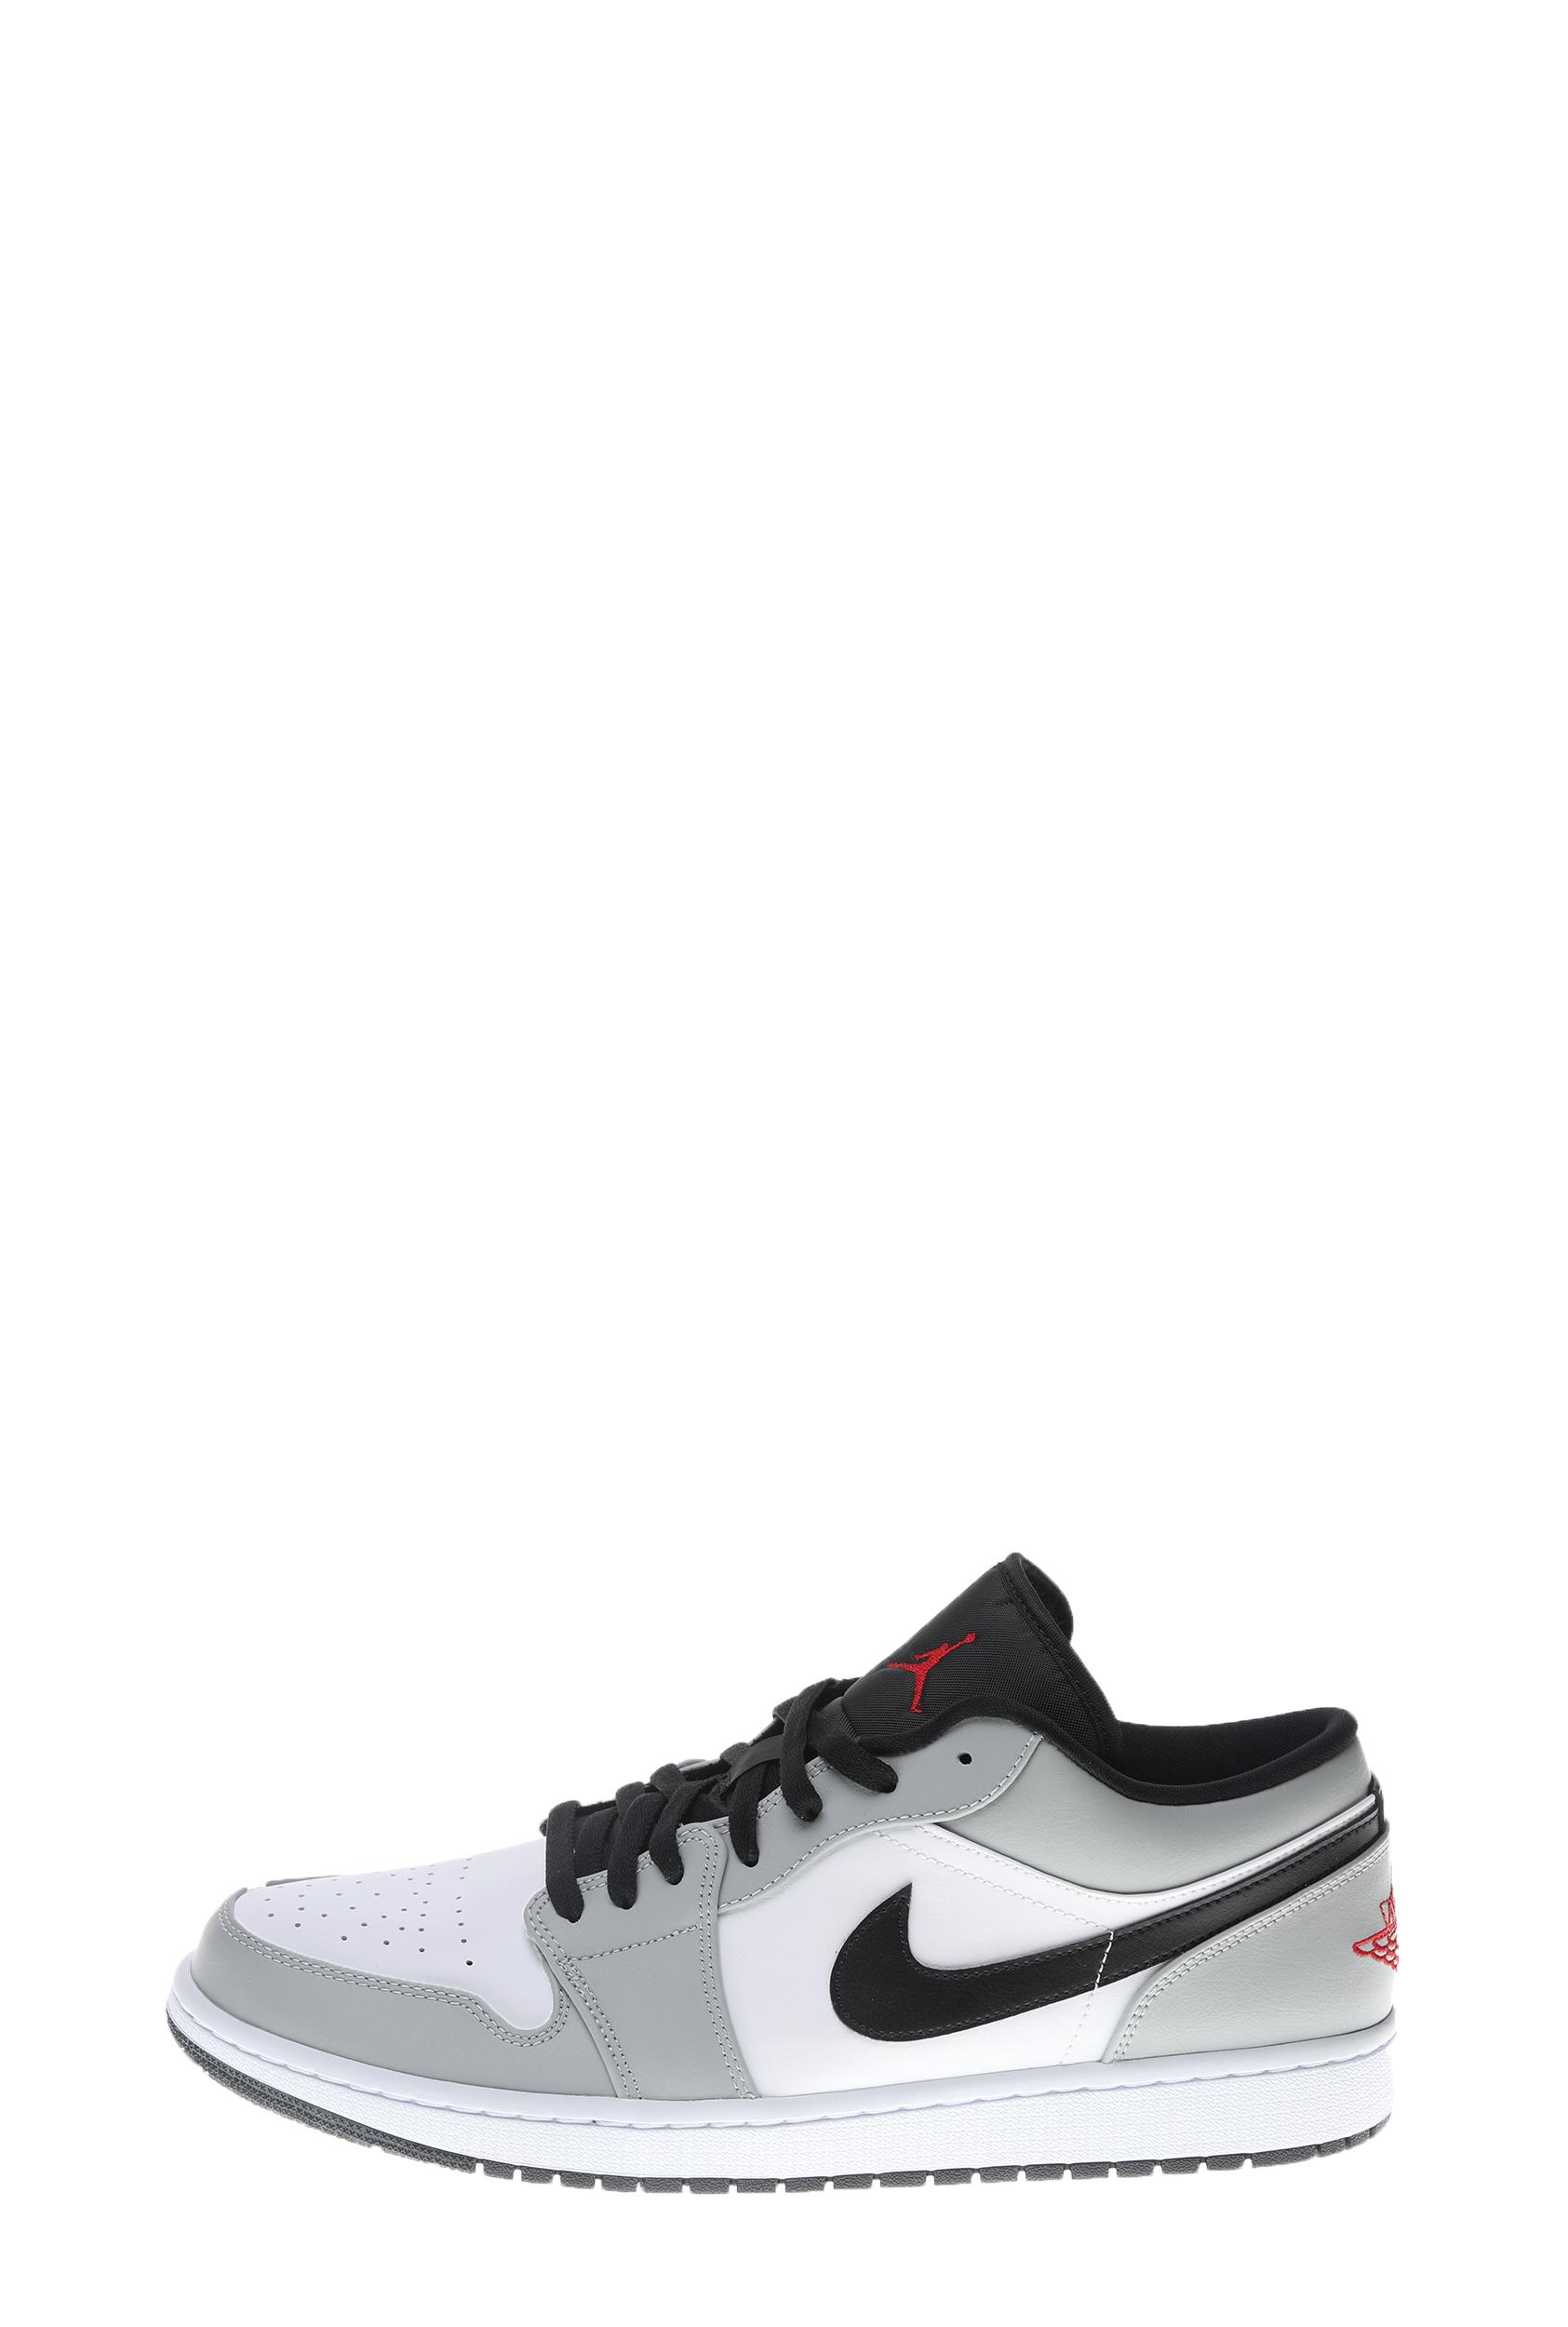 NIKE – Ανδρικό παπούτσι AIR JORDAN 1 LOW γκρι